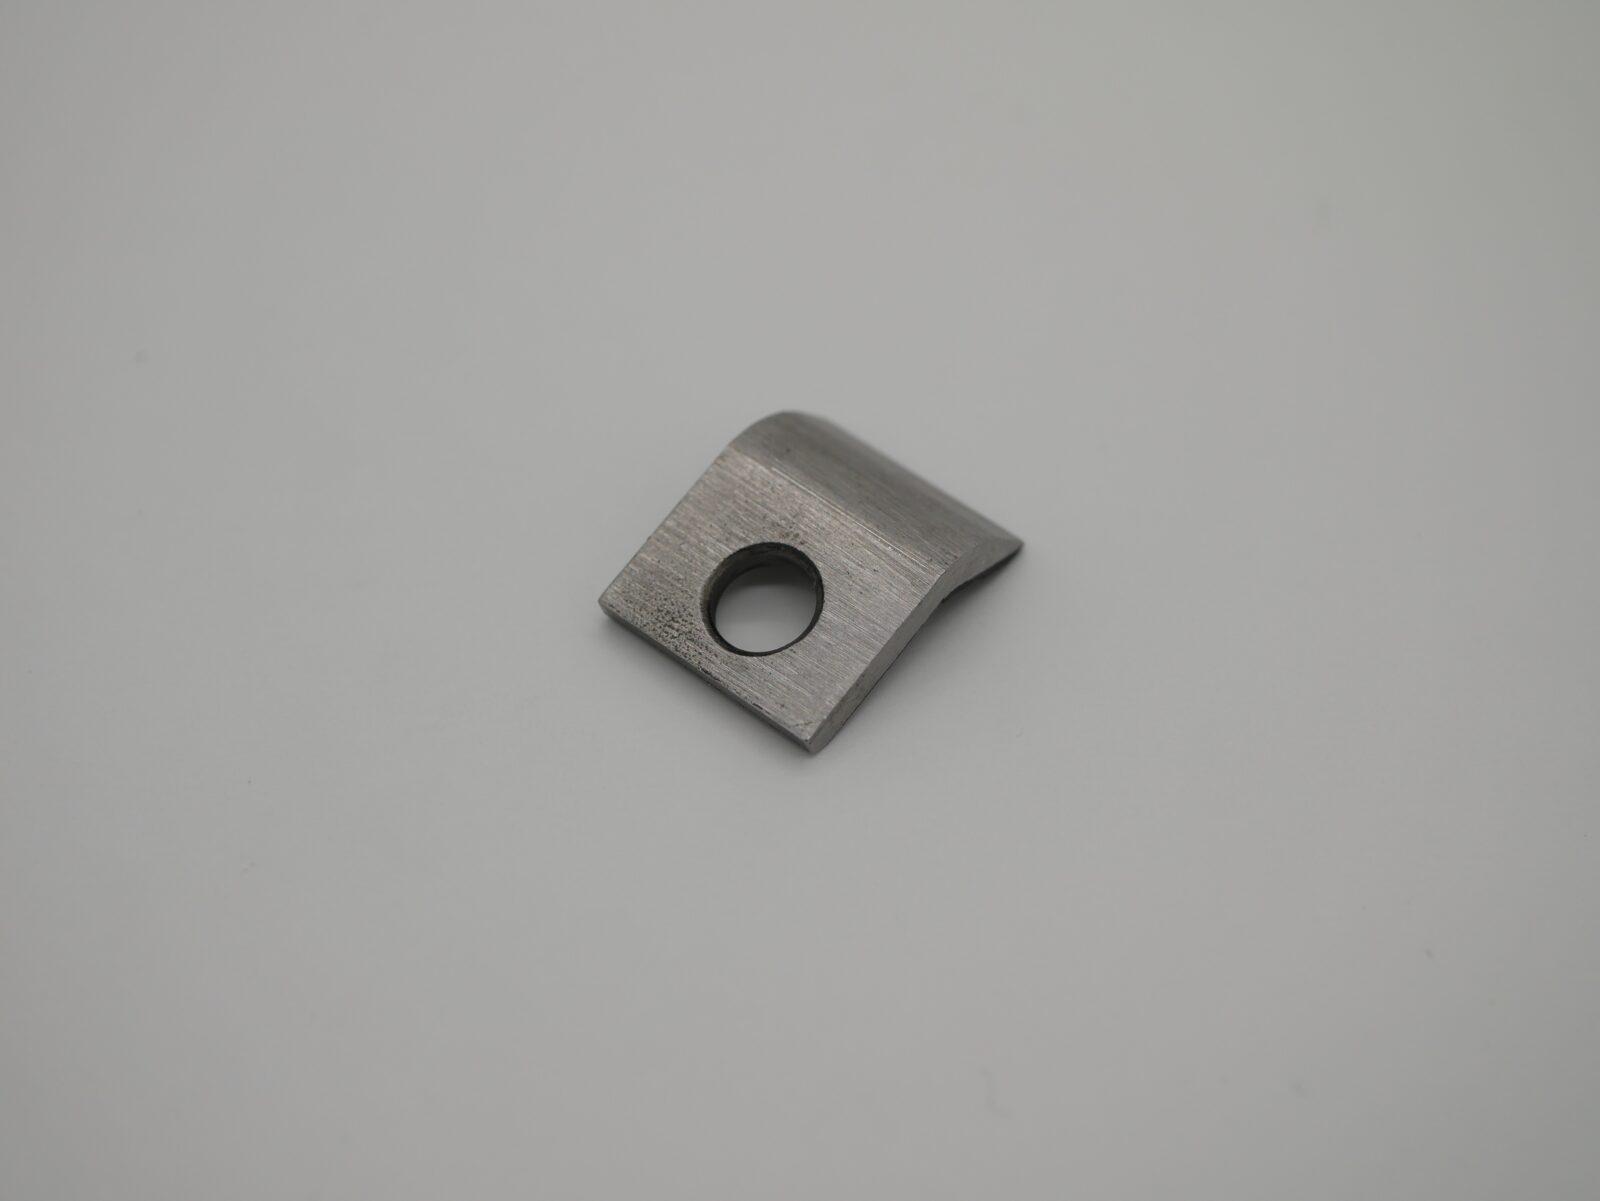 GTO Impression/Transfer Urethane Gripper A964-J